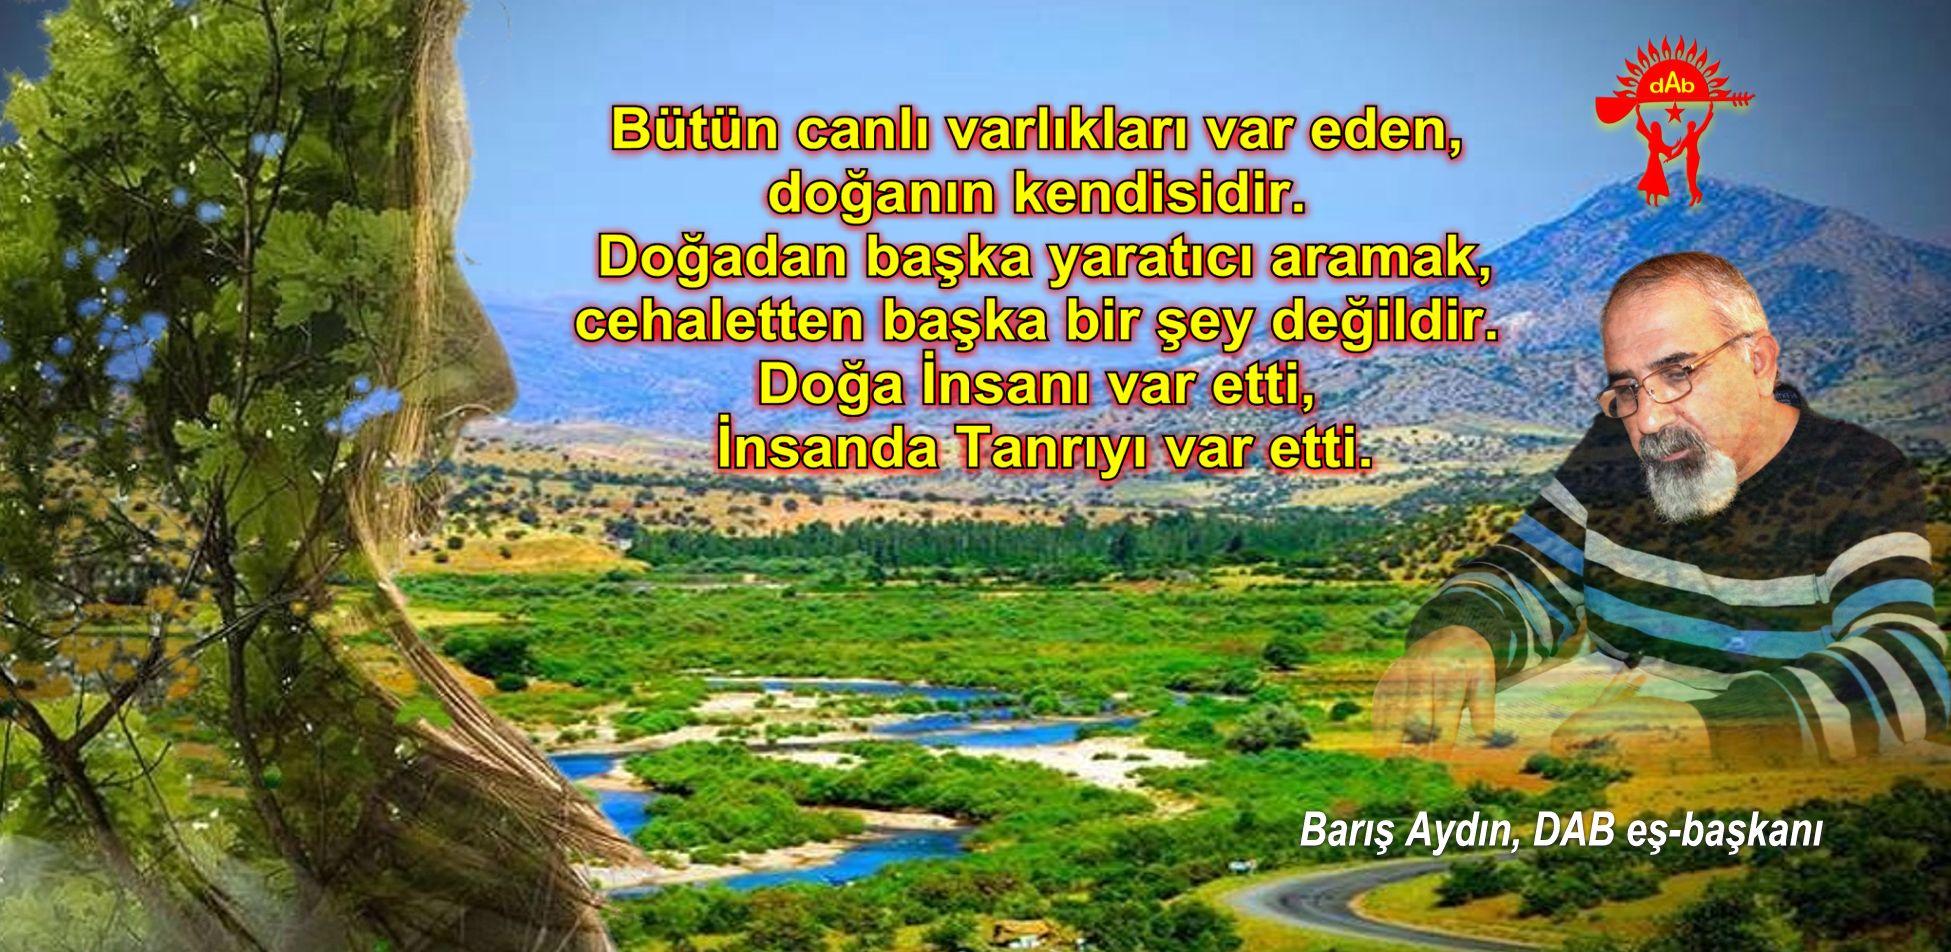 Devrimci Aleviler Birliği DAB Alevi Kızılbaş Bektaşi pir sultan cem hz Ali 12 imam semah Feramuz Şah Acar doga baris aydin banner 4